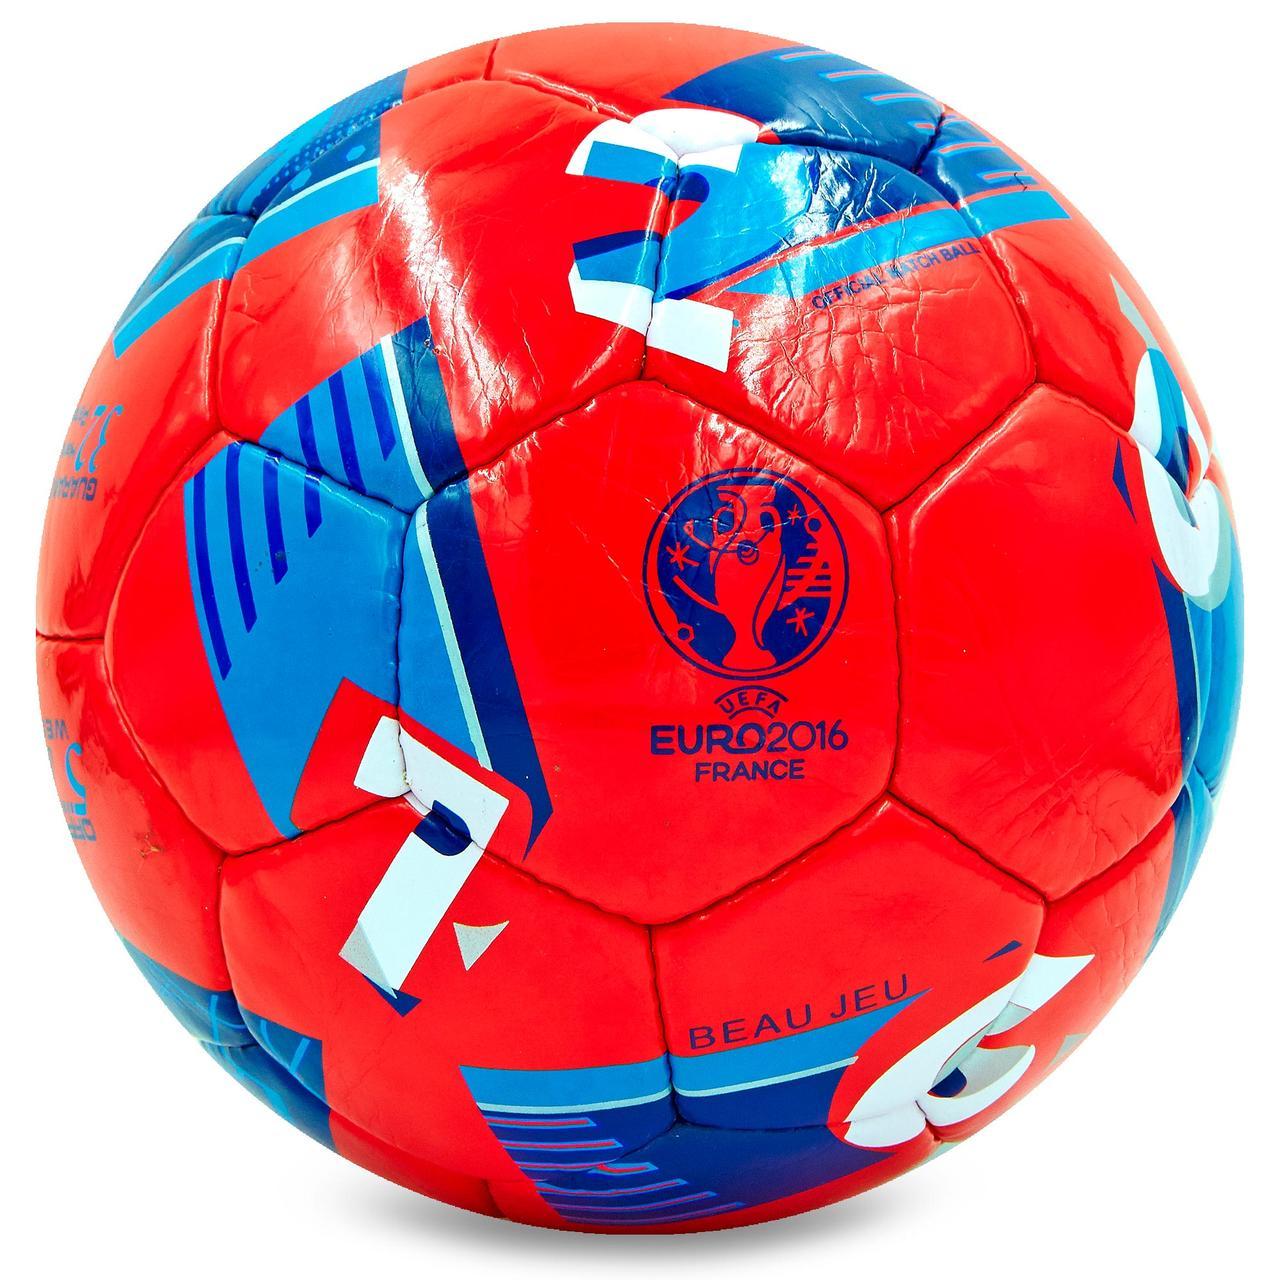 Мяч футбольный №5 PU ламин. EURO-2016 FB-5213 (№5, 5 сл., сшит вручную)